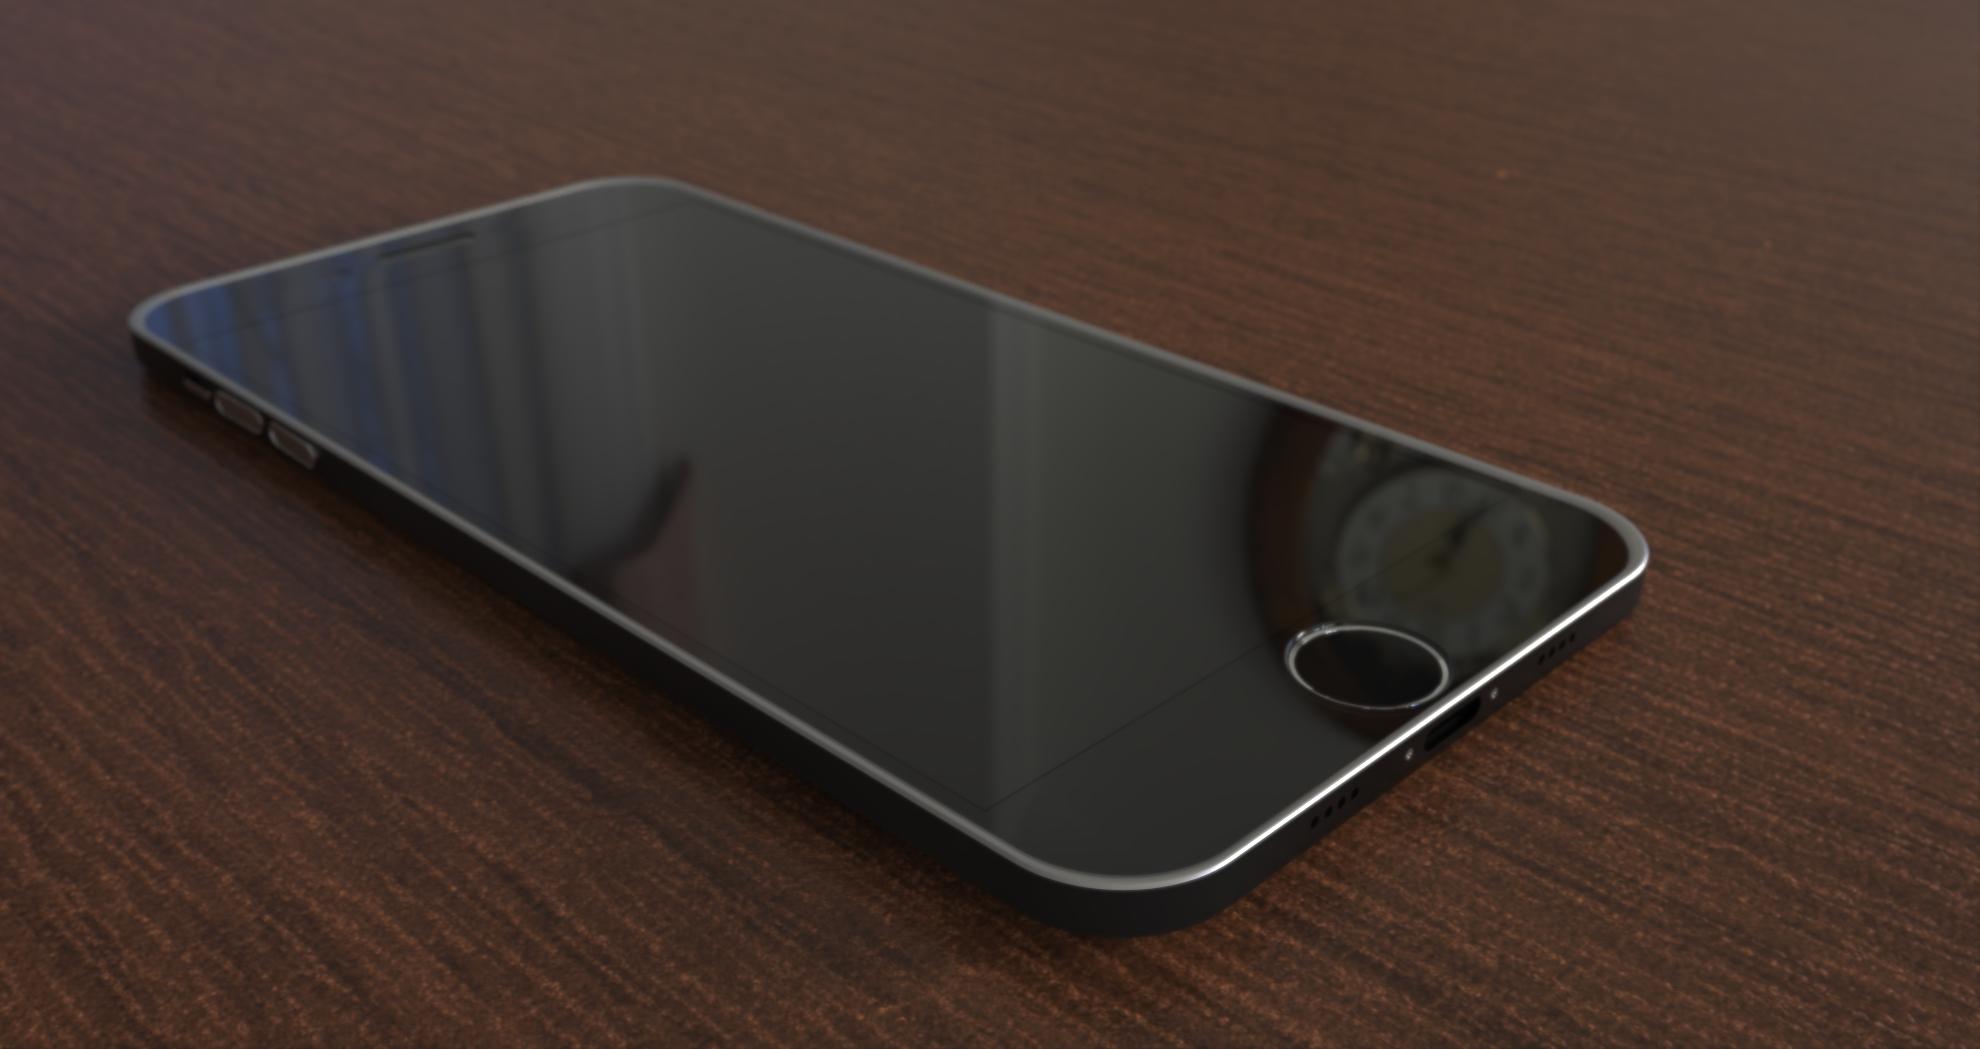 Инструкция посверлению iPhone 7 разочаровала пользователей